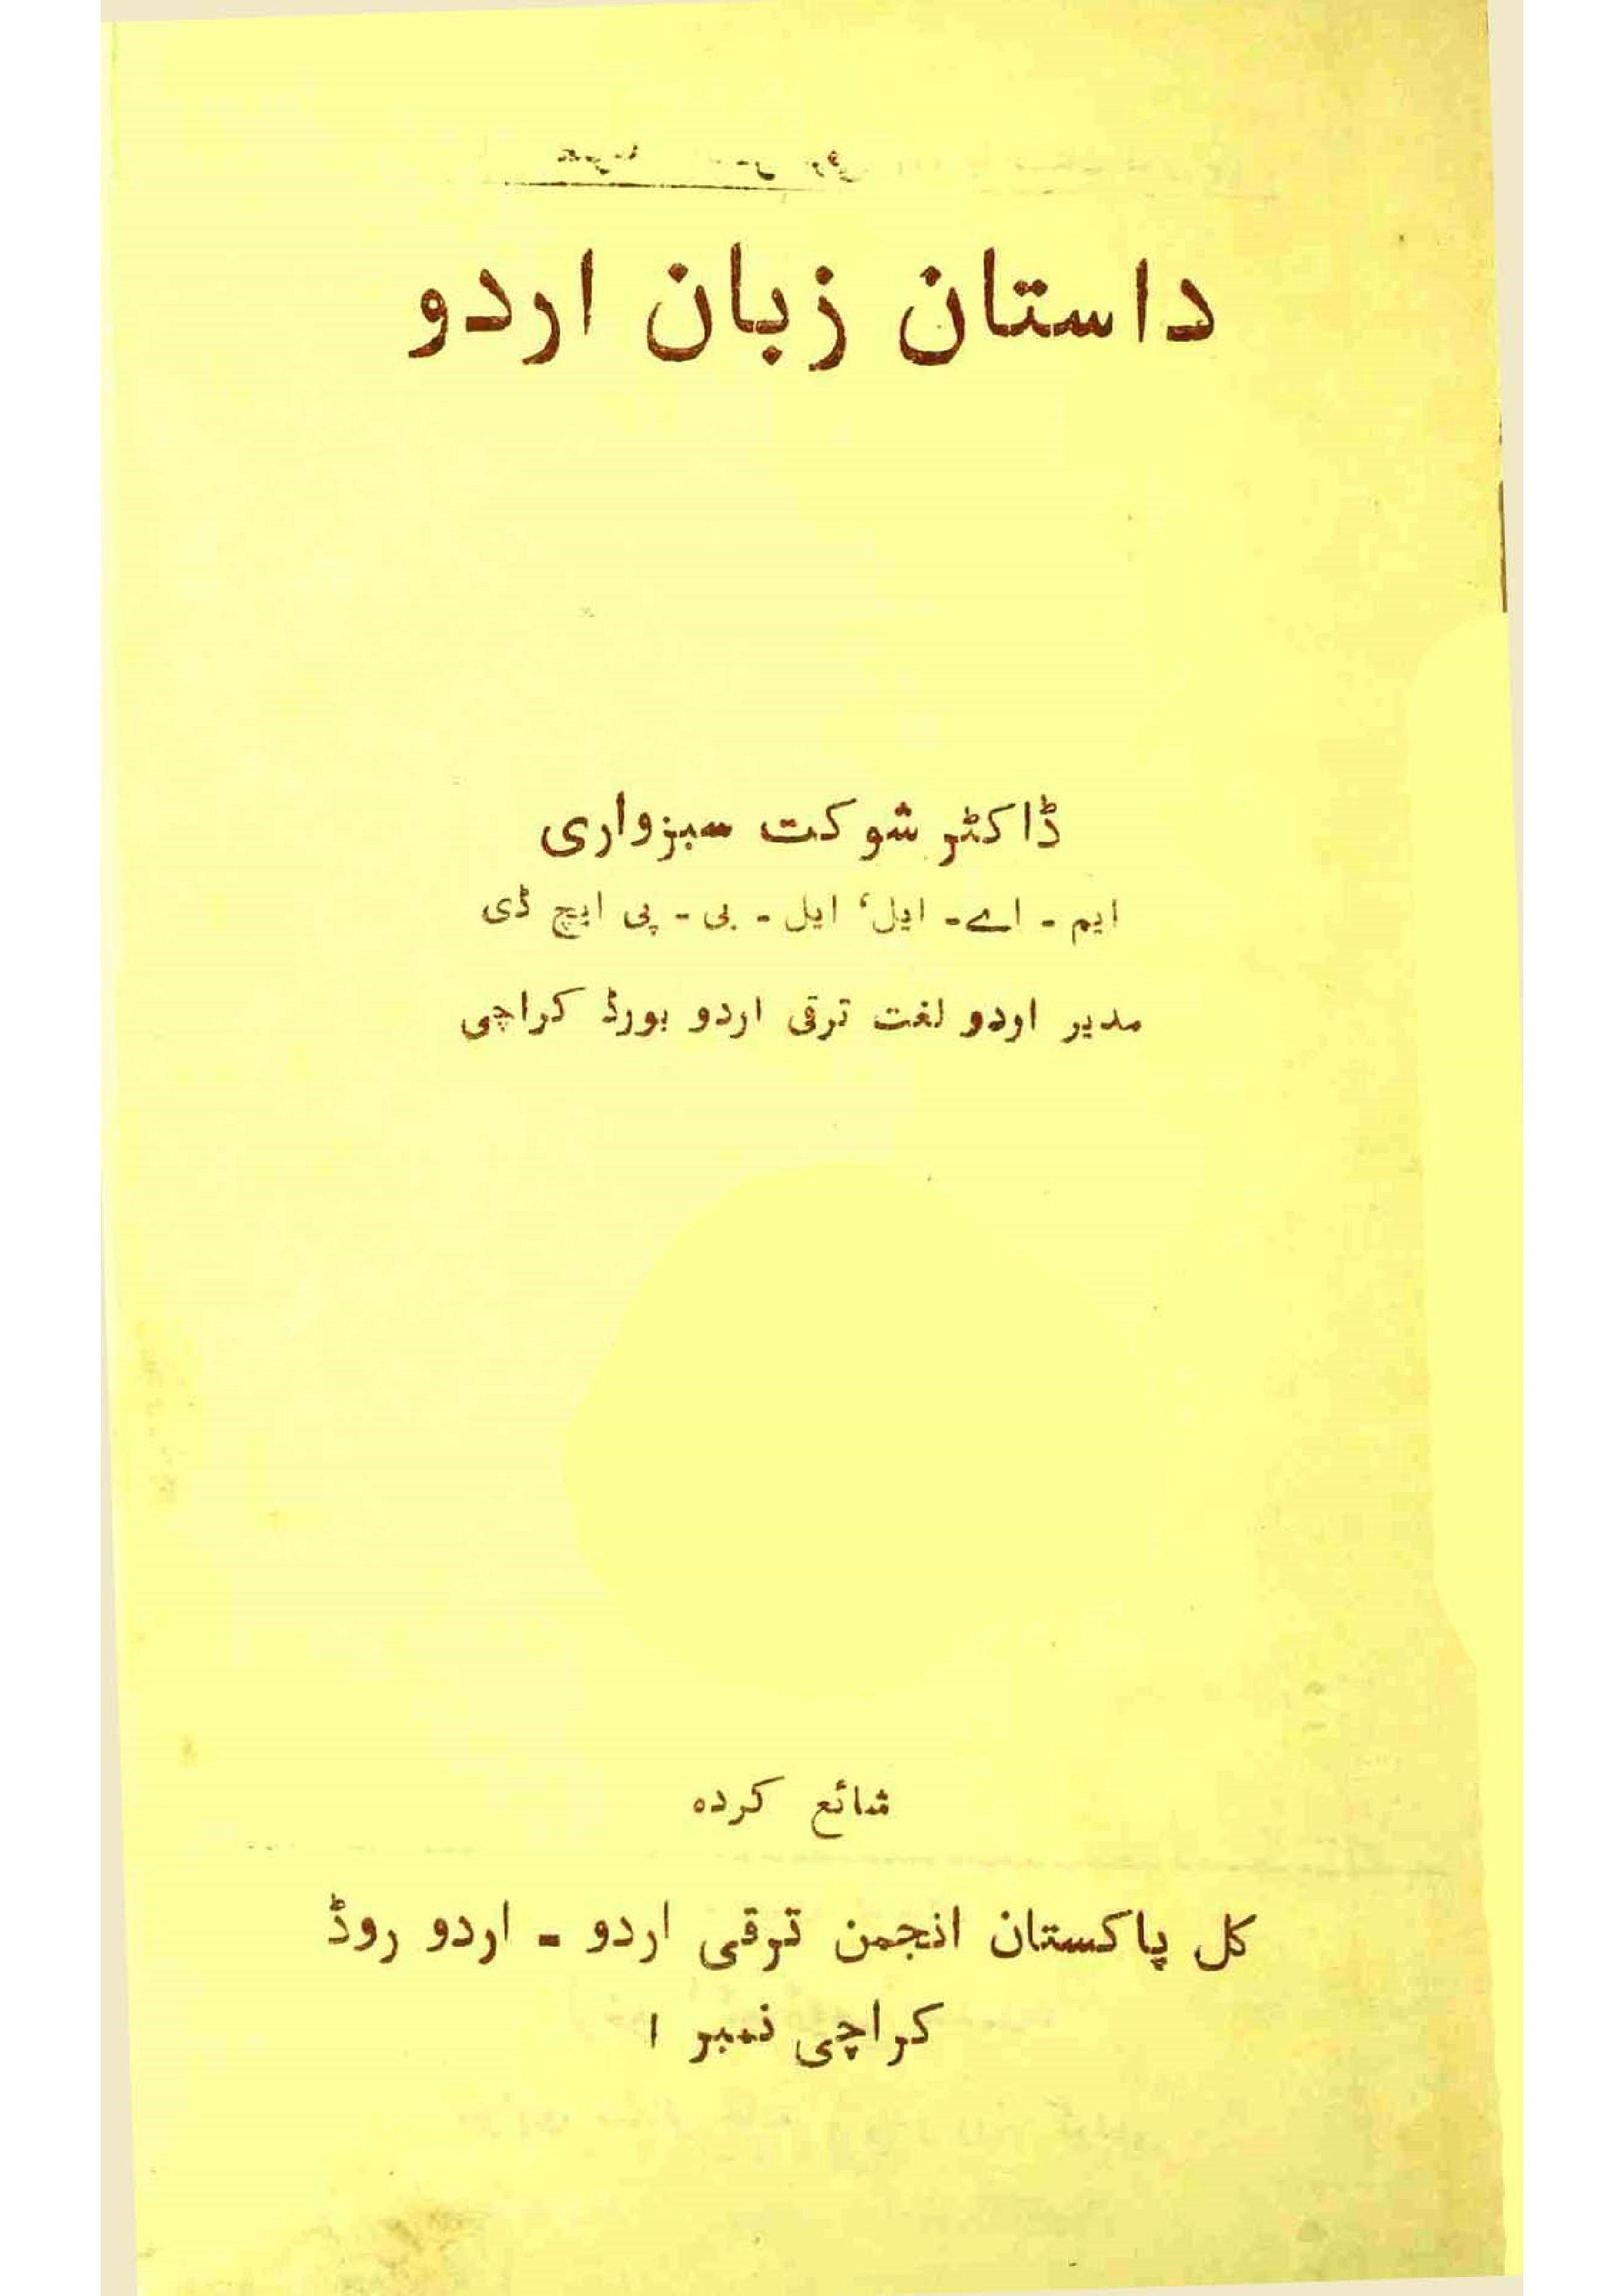 Dastan Zaban-e-Urdu